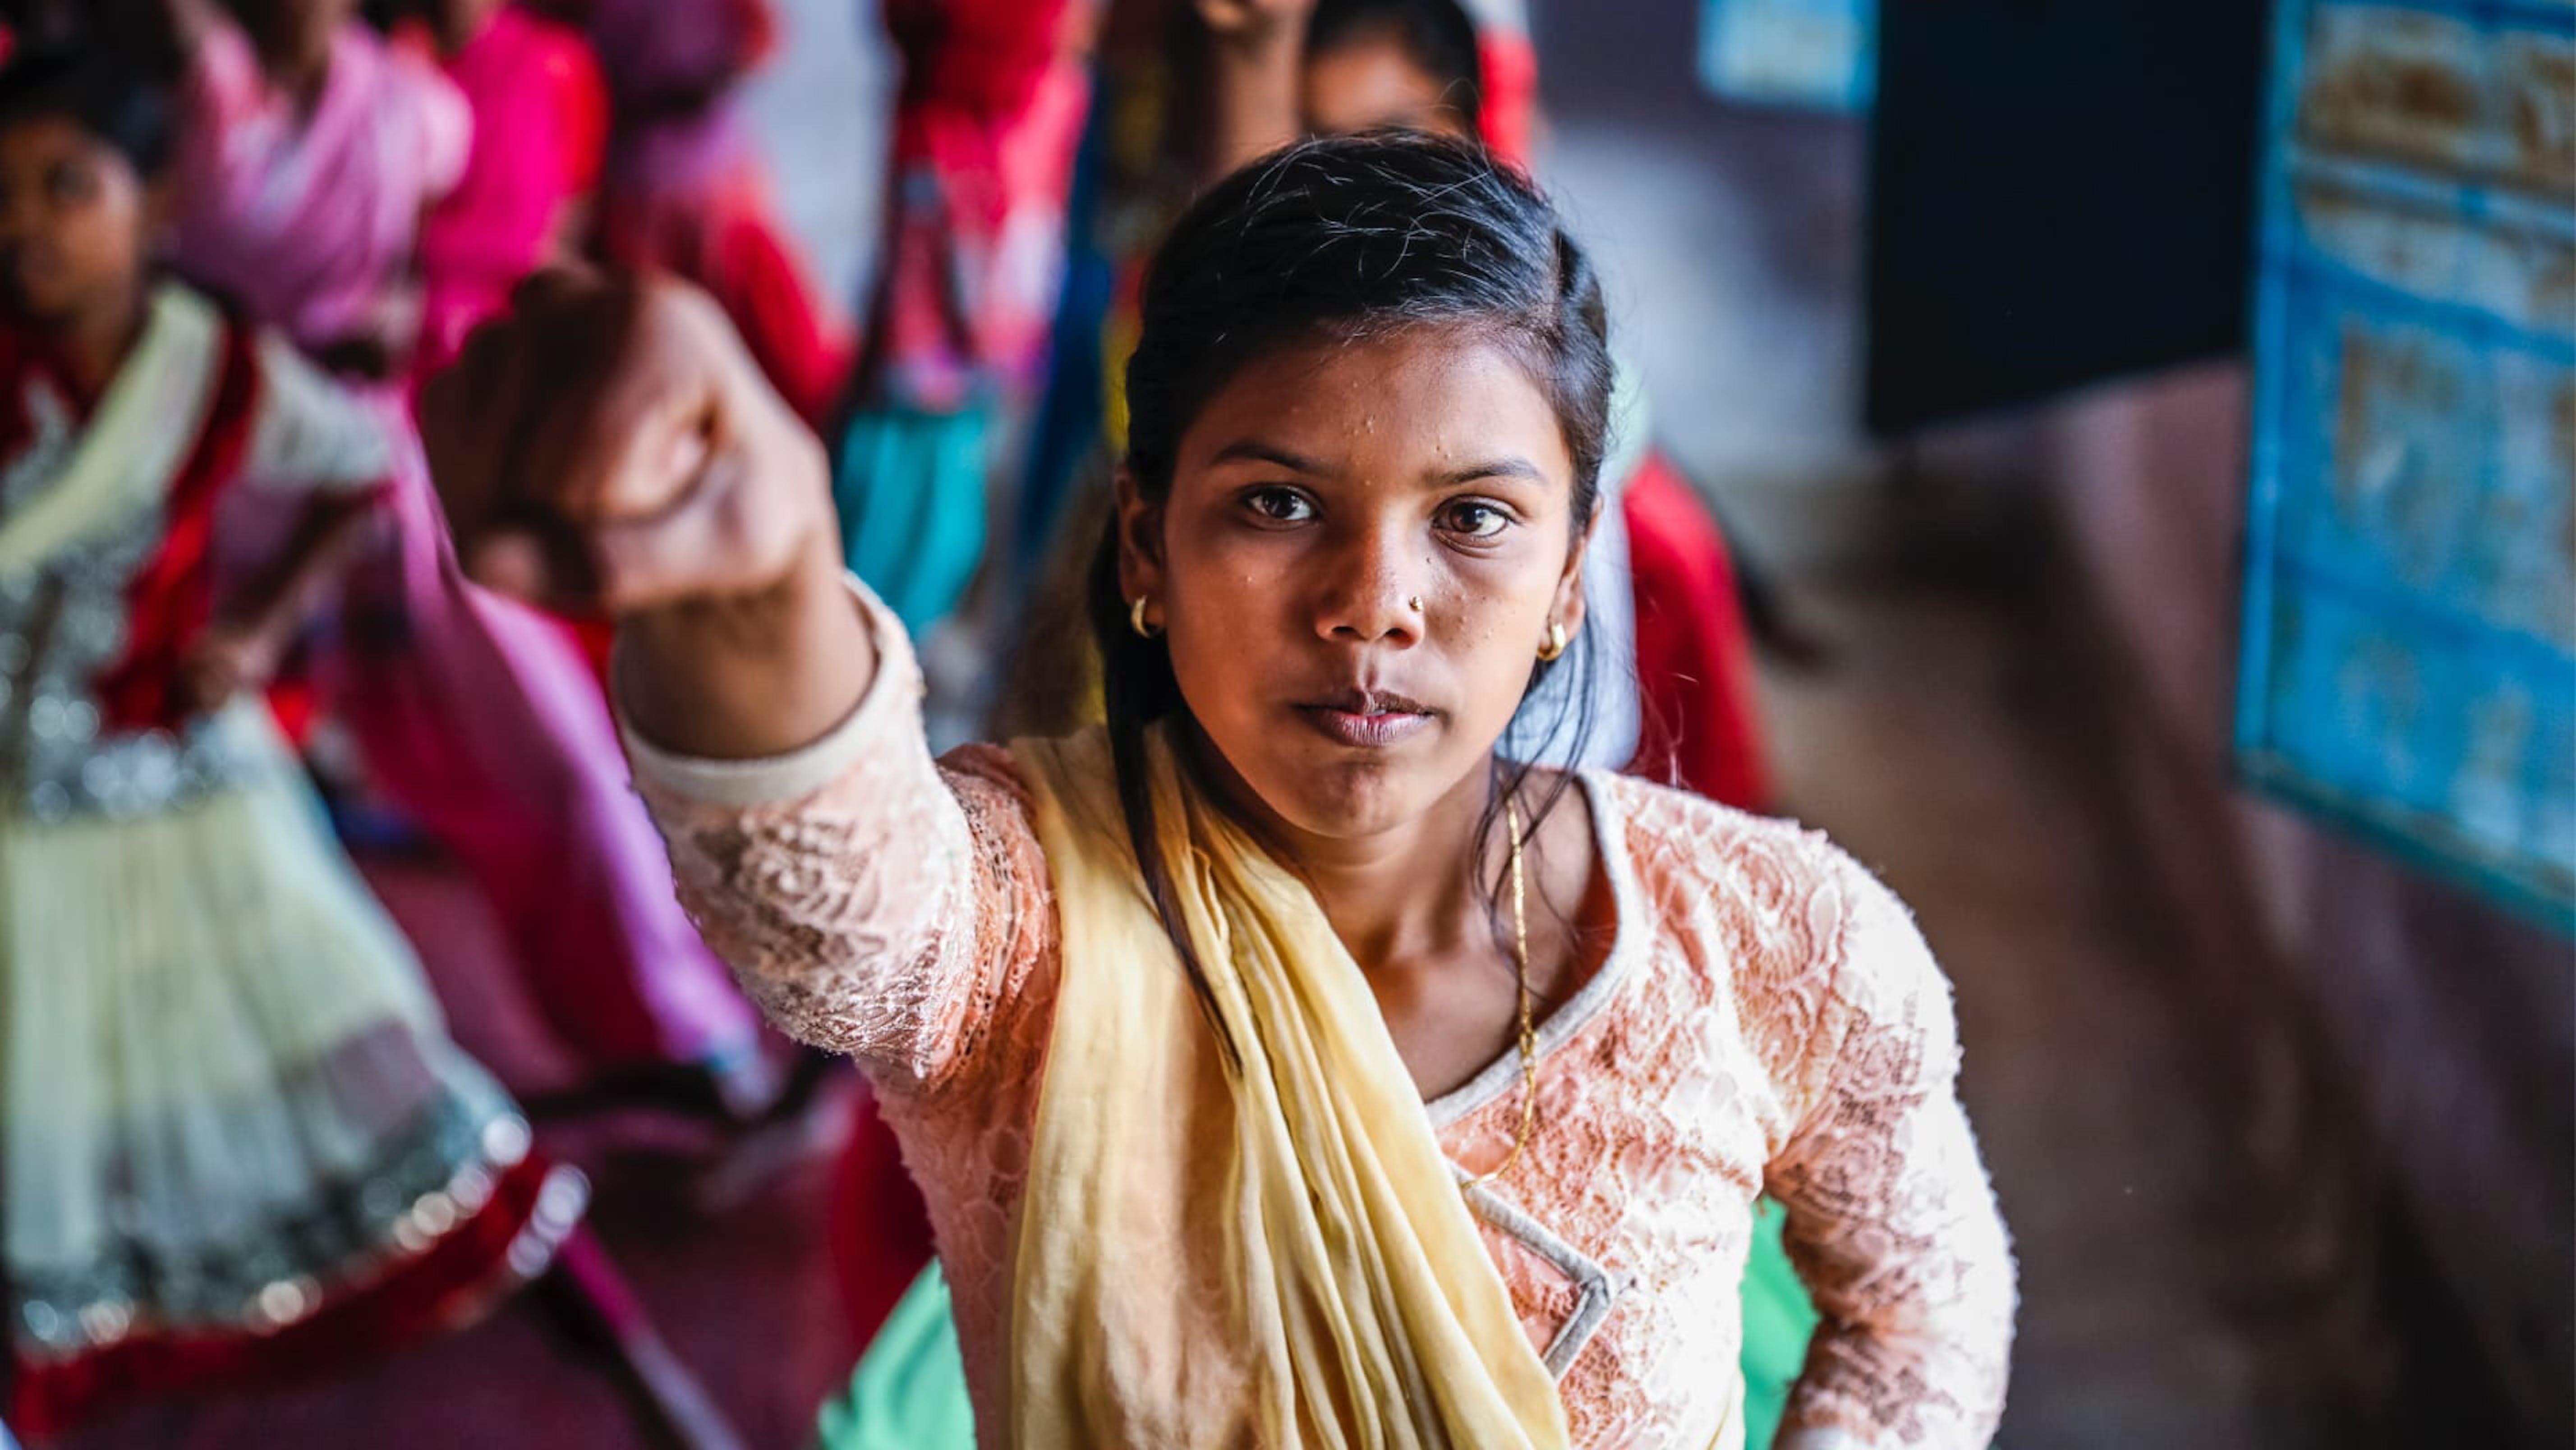 India, ragazze adoloscenti frequentano lezioni di Karate per imparare la difesa personale.